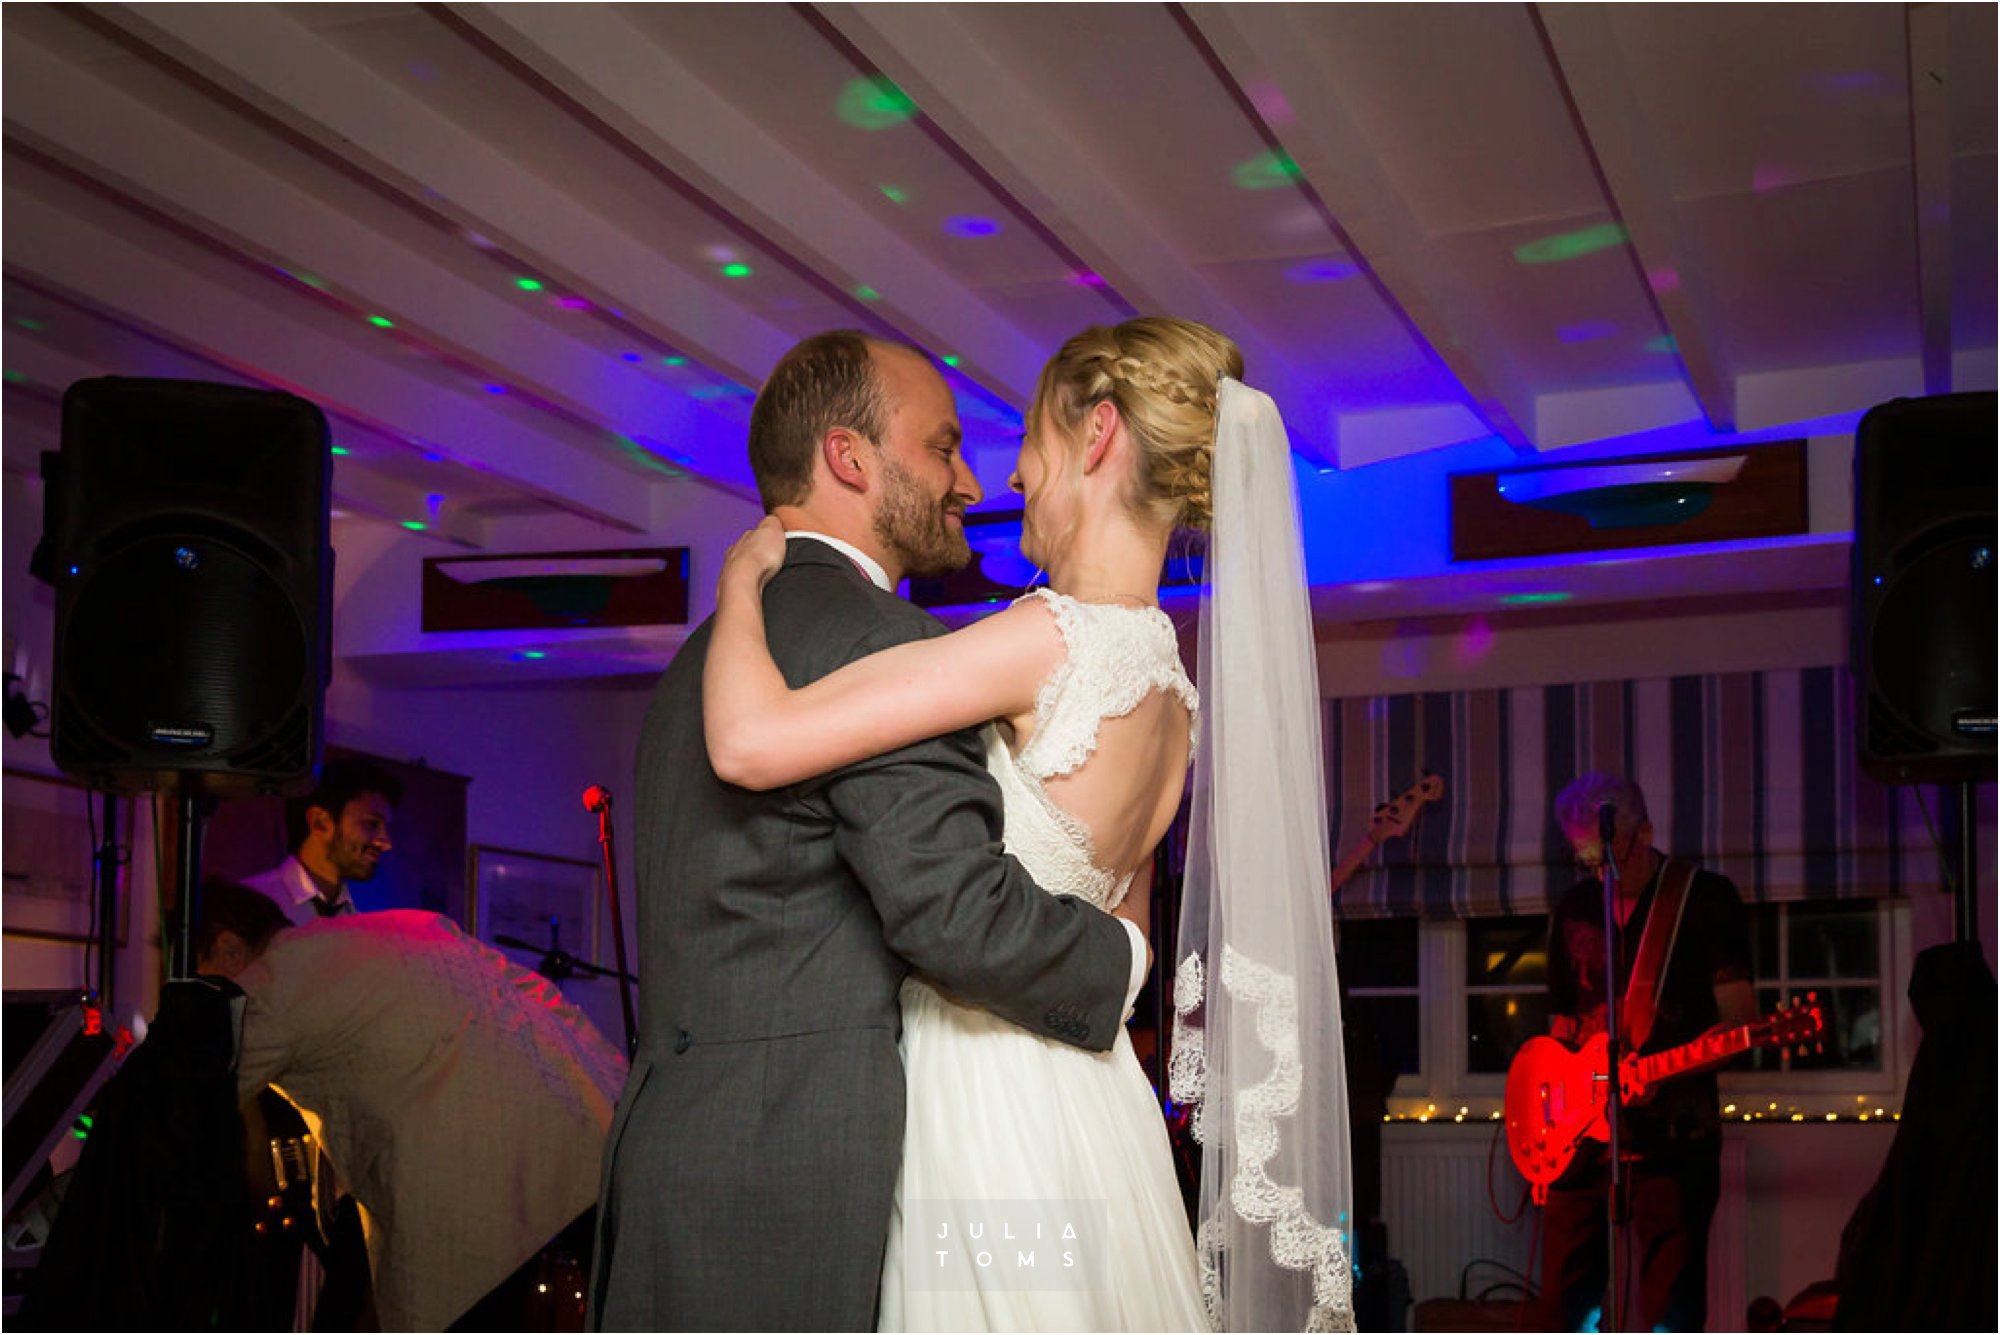 itchenor_wedding_chichester_photographer_090.jpg